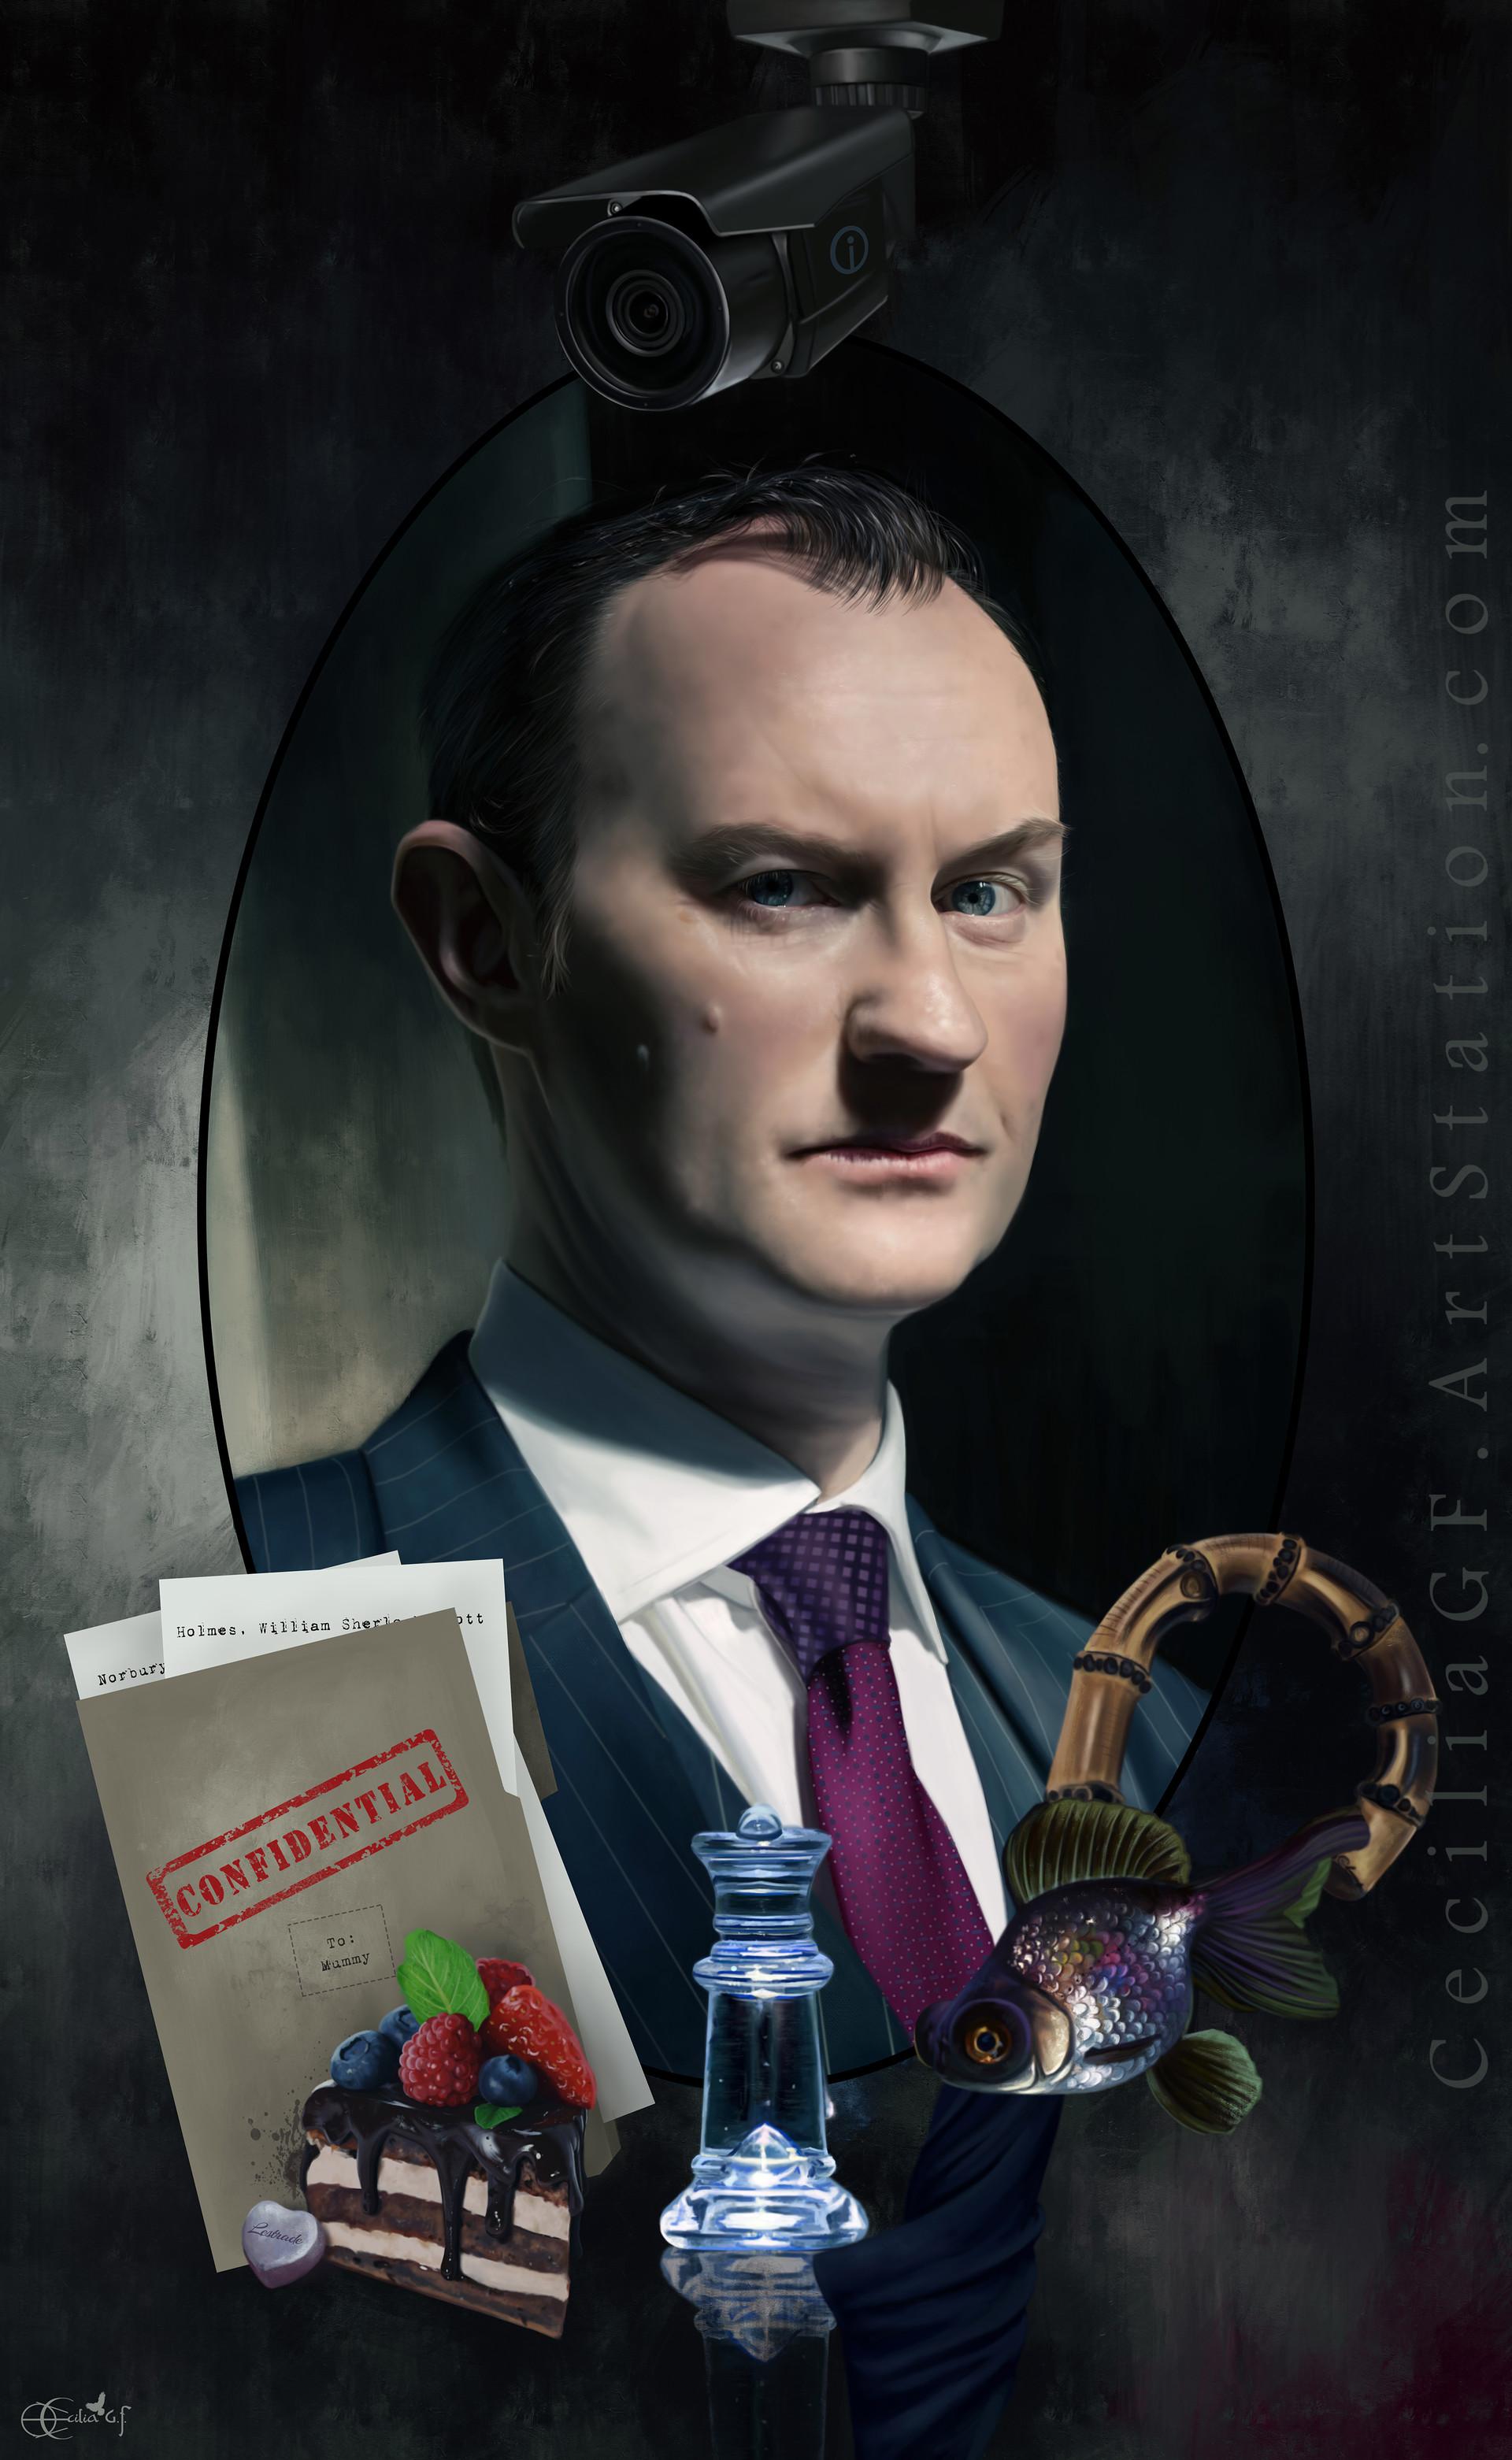 Cecilia g f mycroft